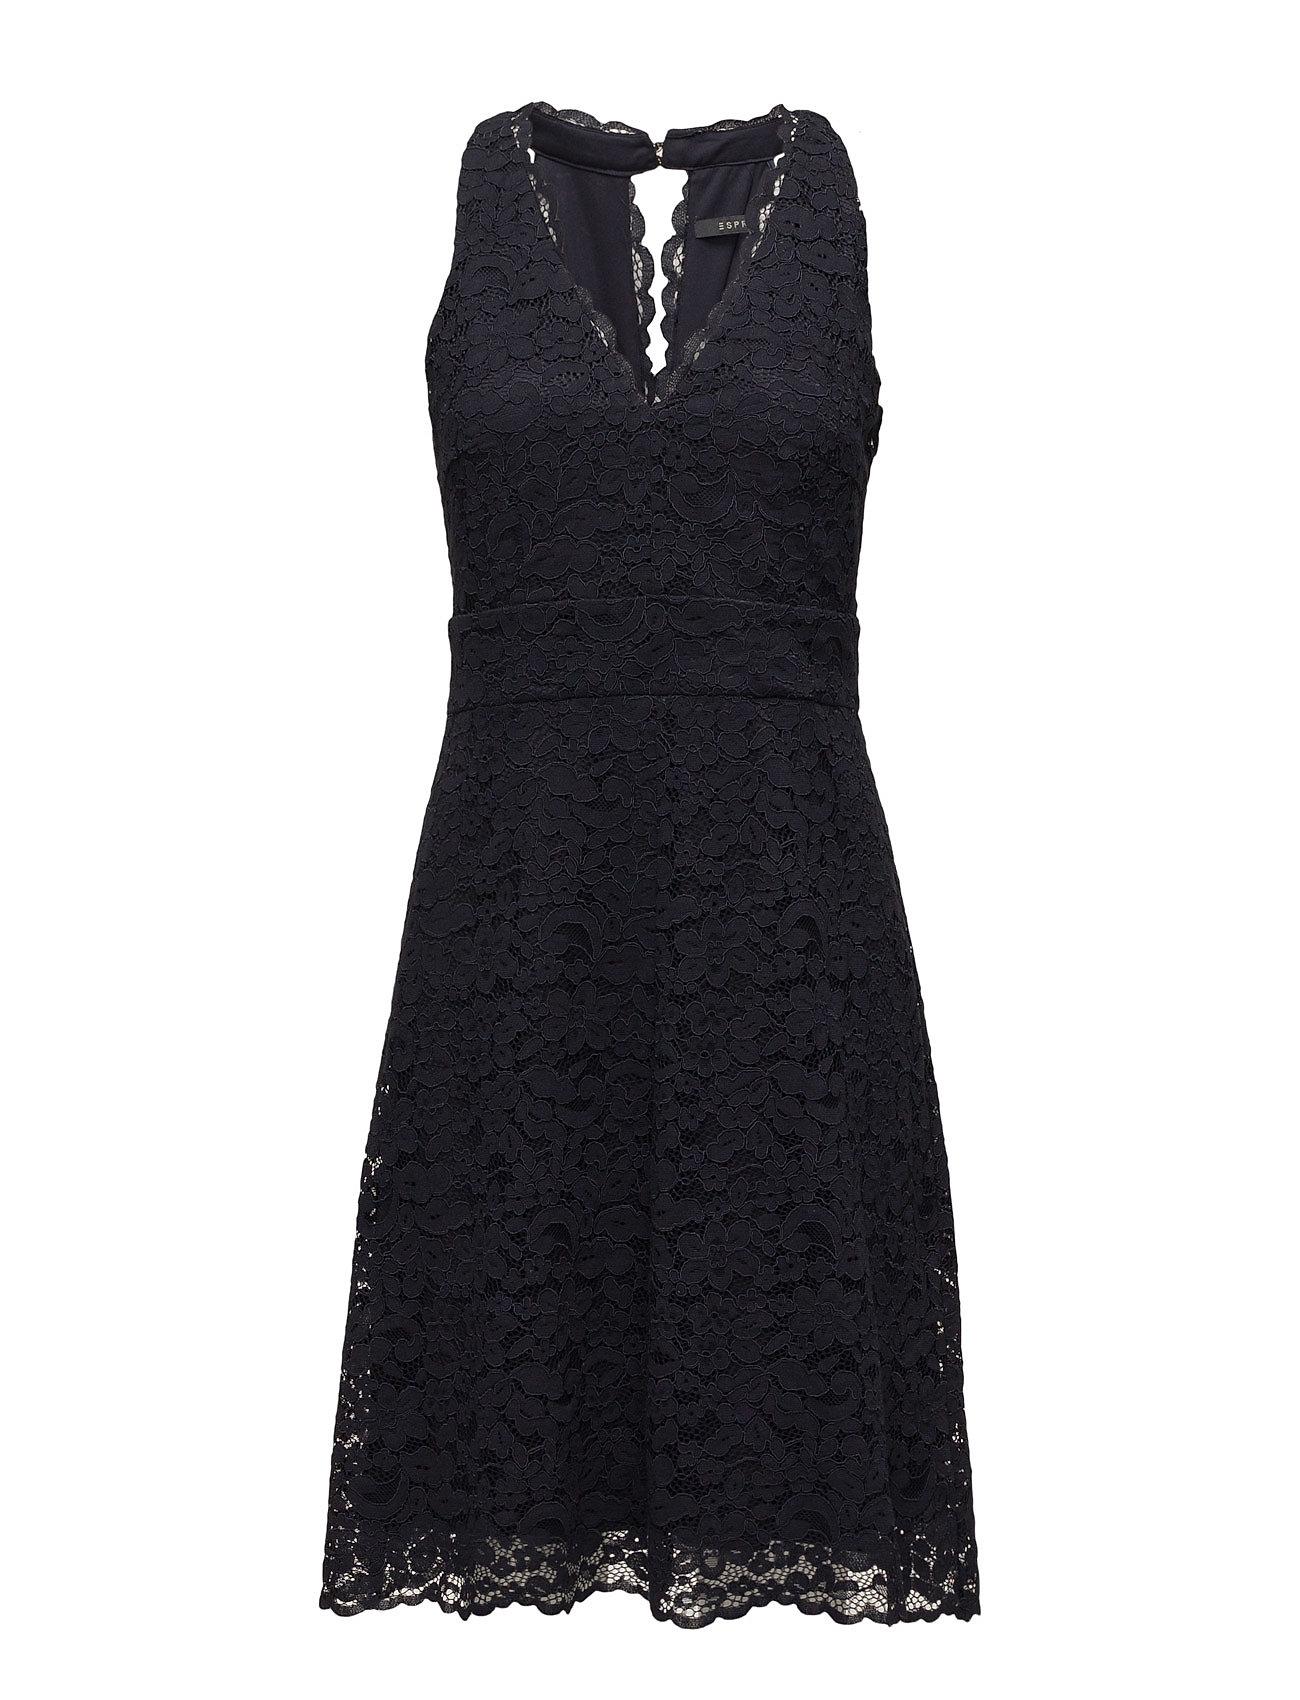 Esprit Collection Dresses Light Woven 299216309